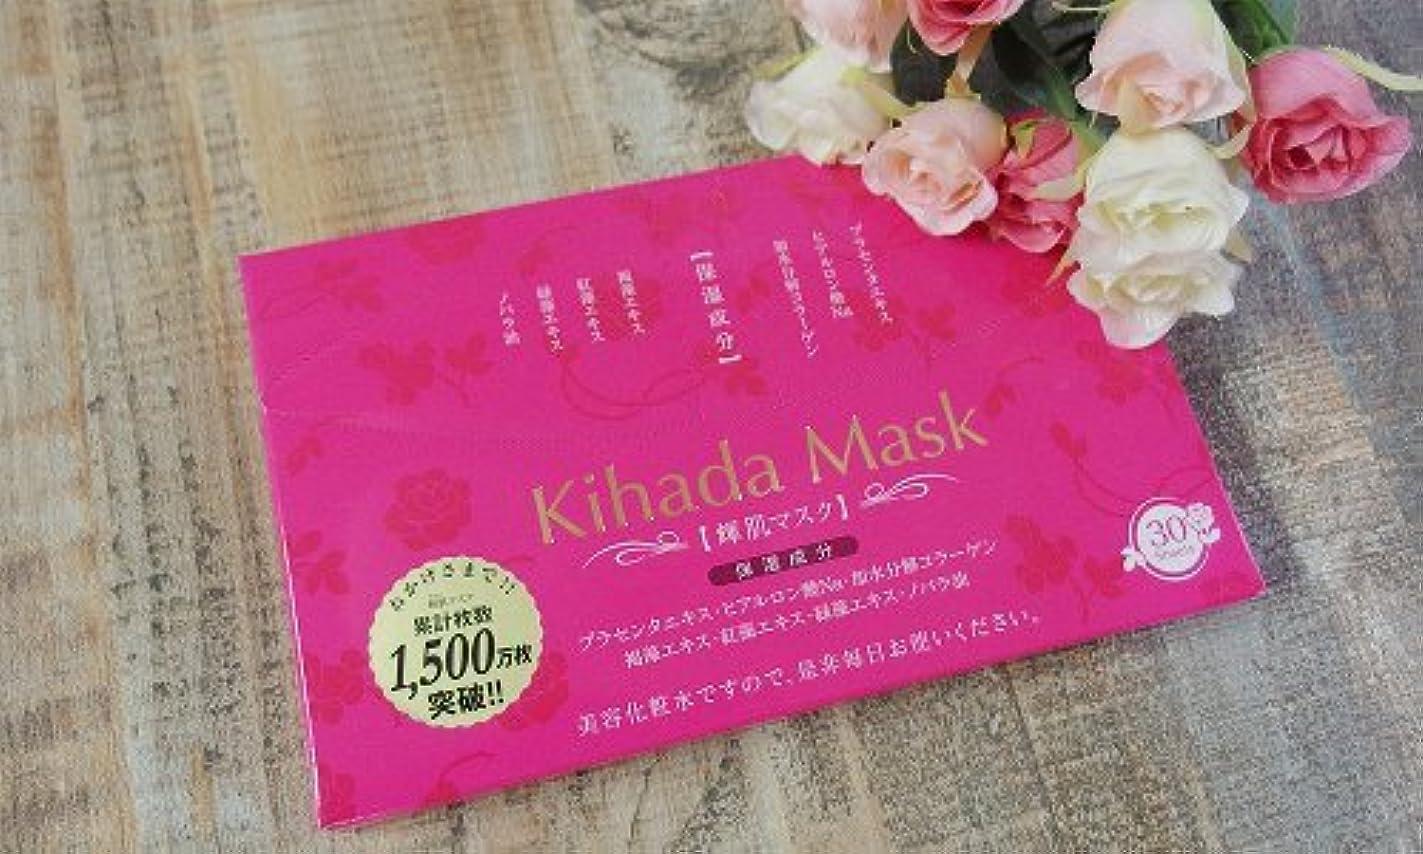 注目すべきひまわり最も遠いエコライフ 輝肌マスク 270ml 30枚入り